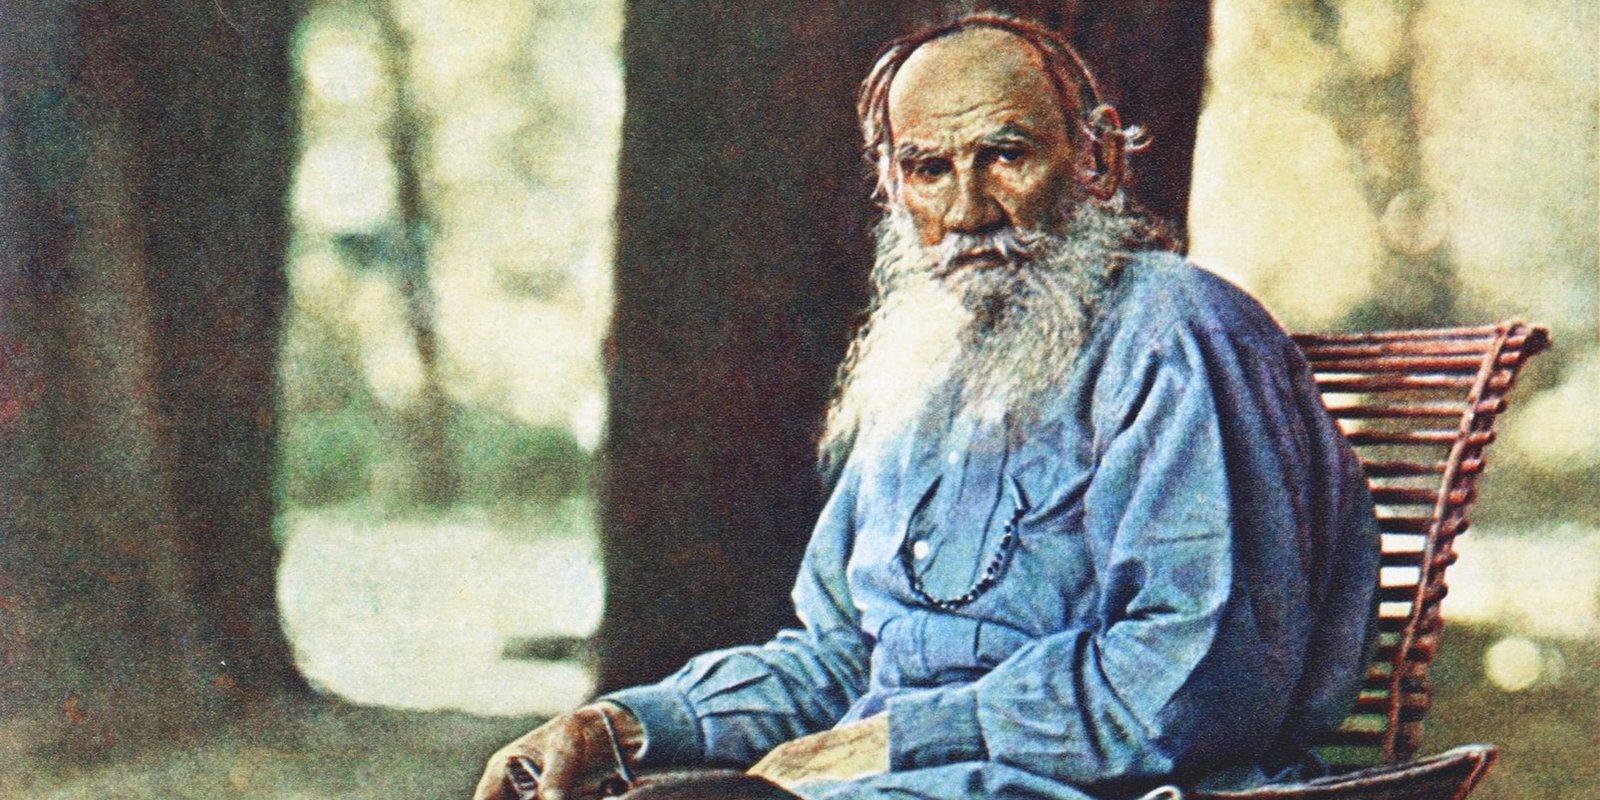 Л. Толстой. Автор С. Прокудин-Горский. Фрагмент. 1908 год